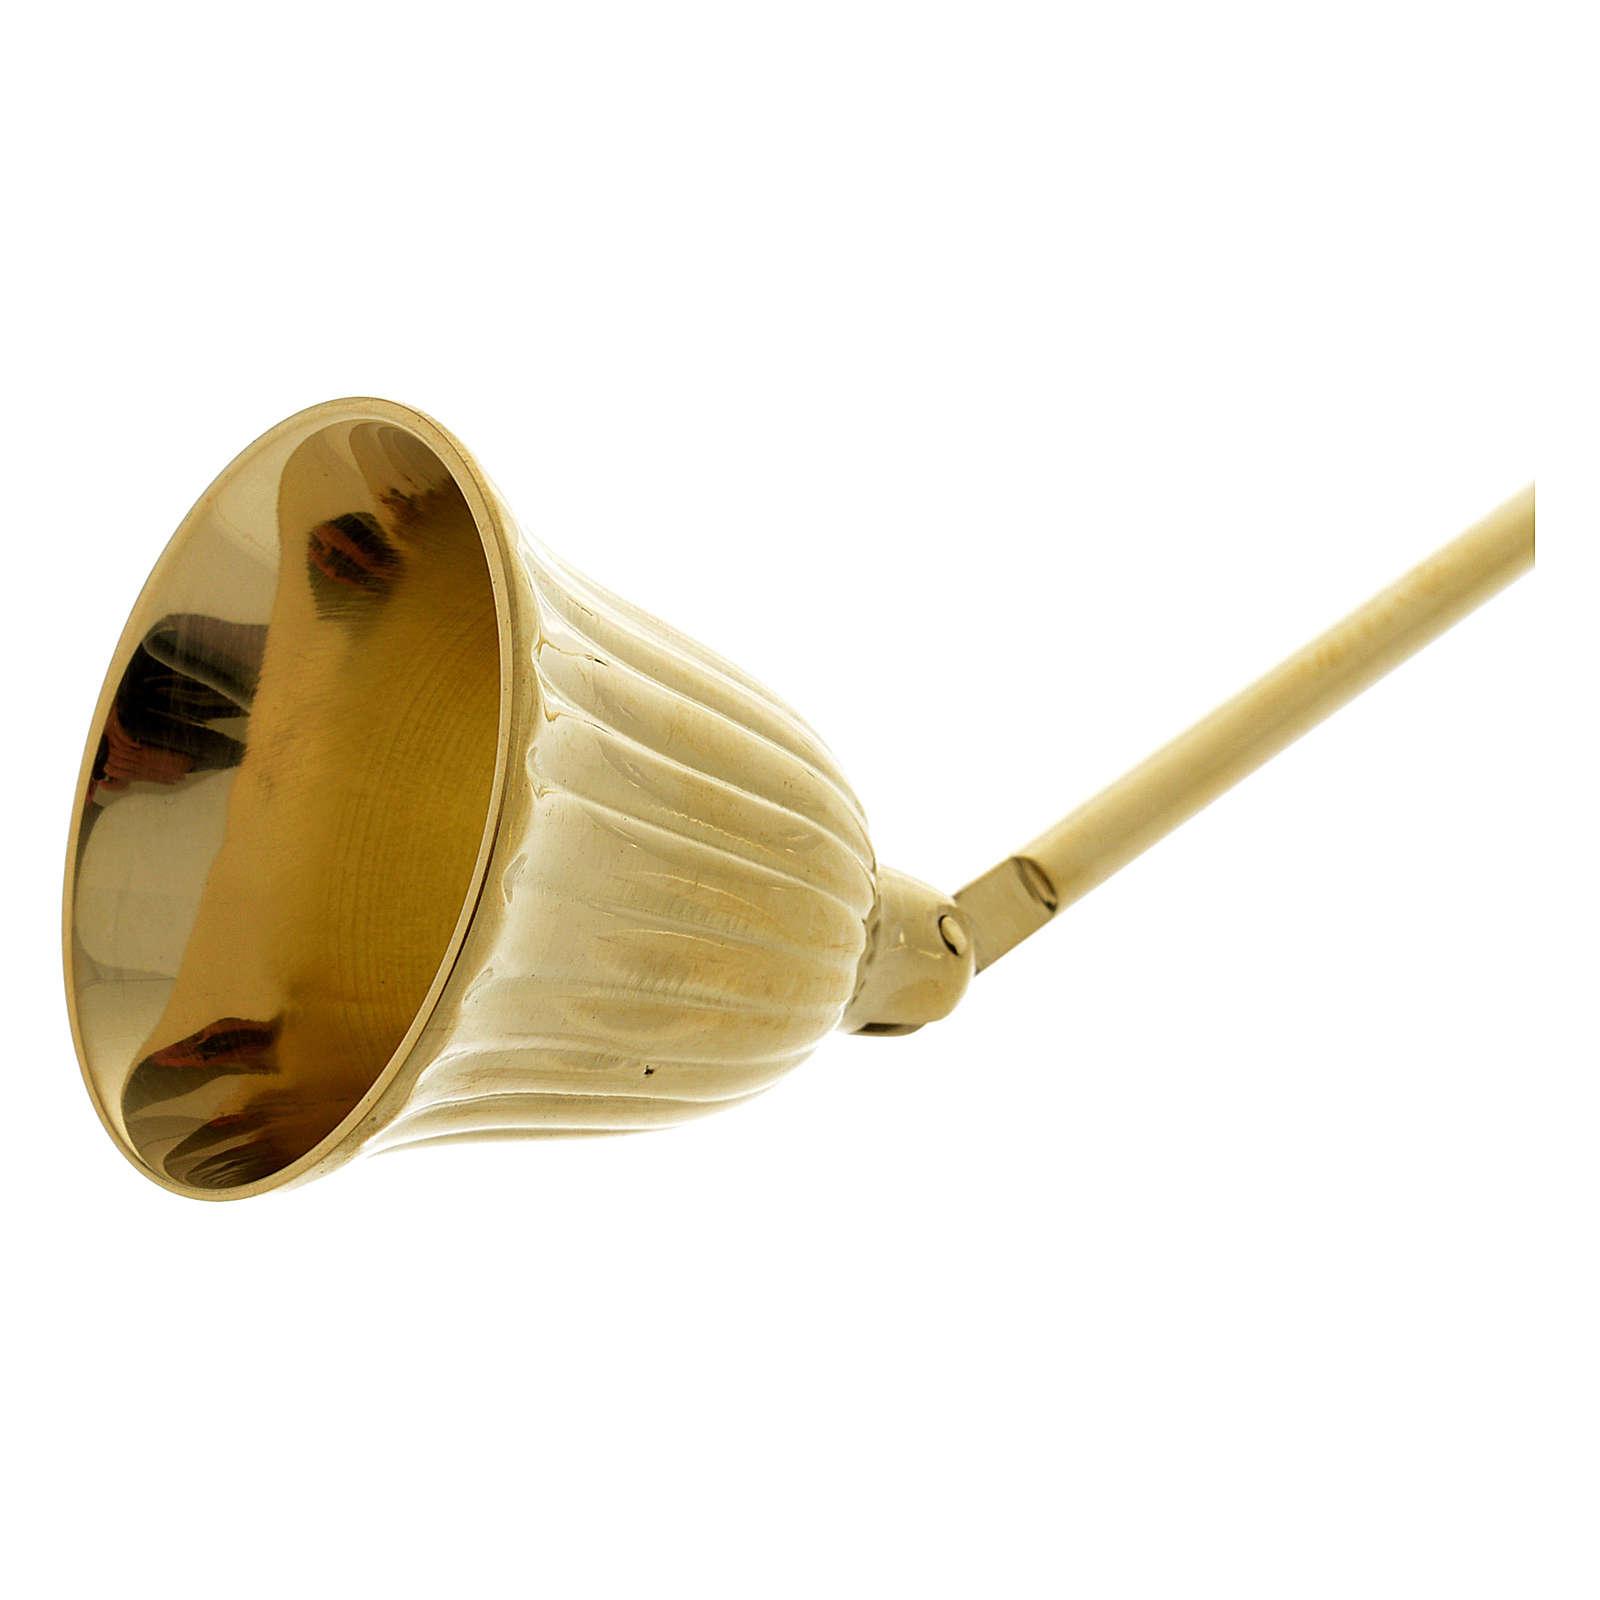 Spegnifiamma con manico in legno ottone dorato 3